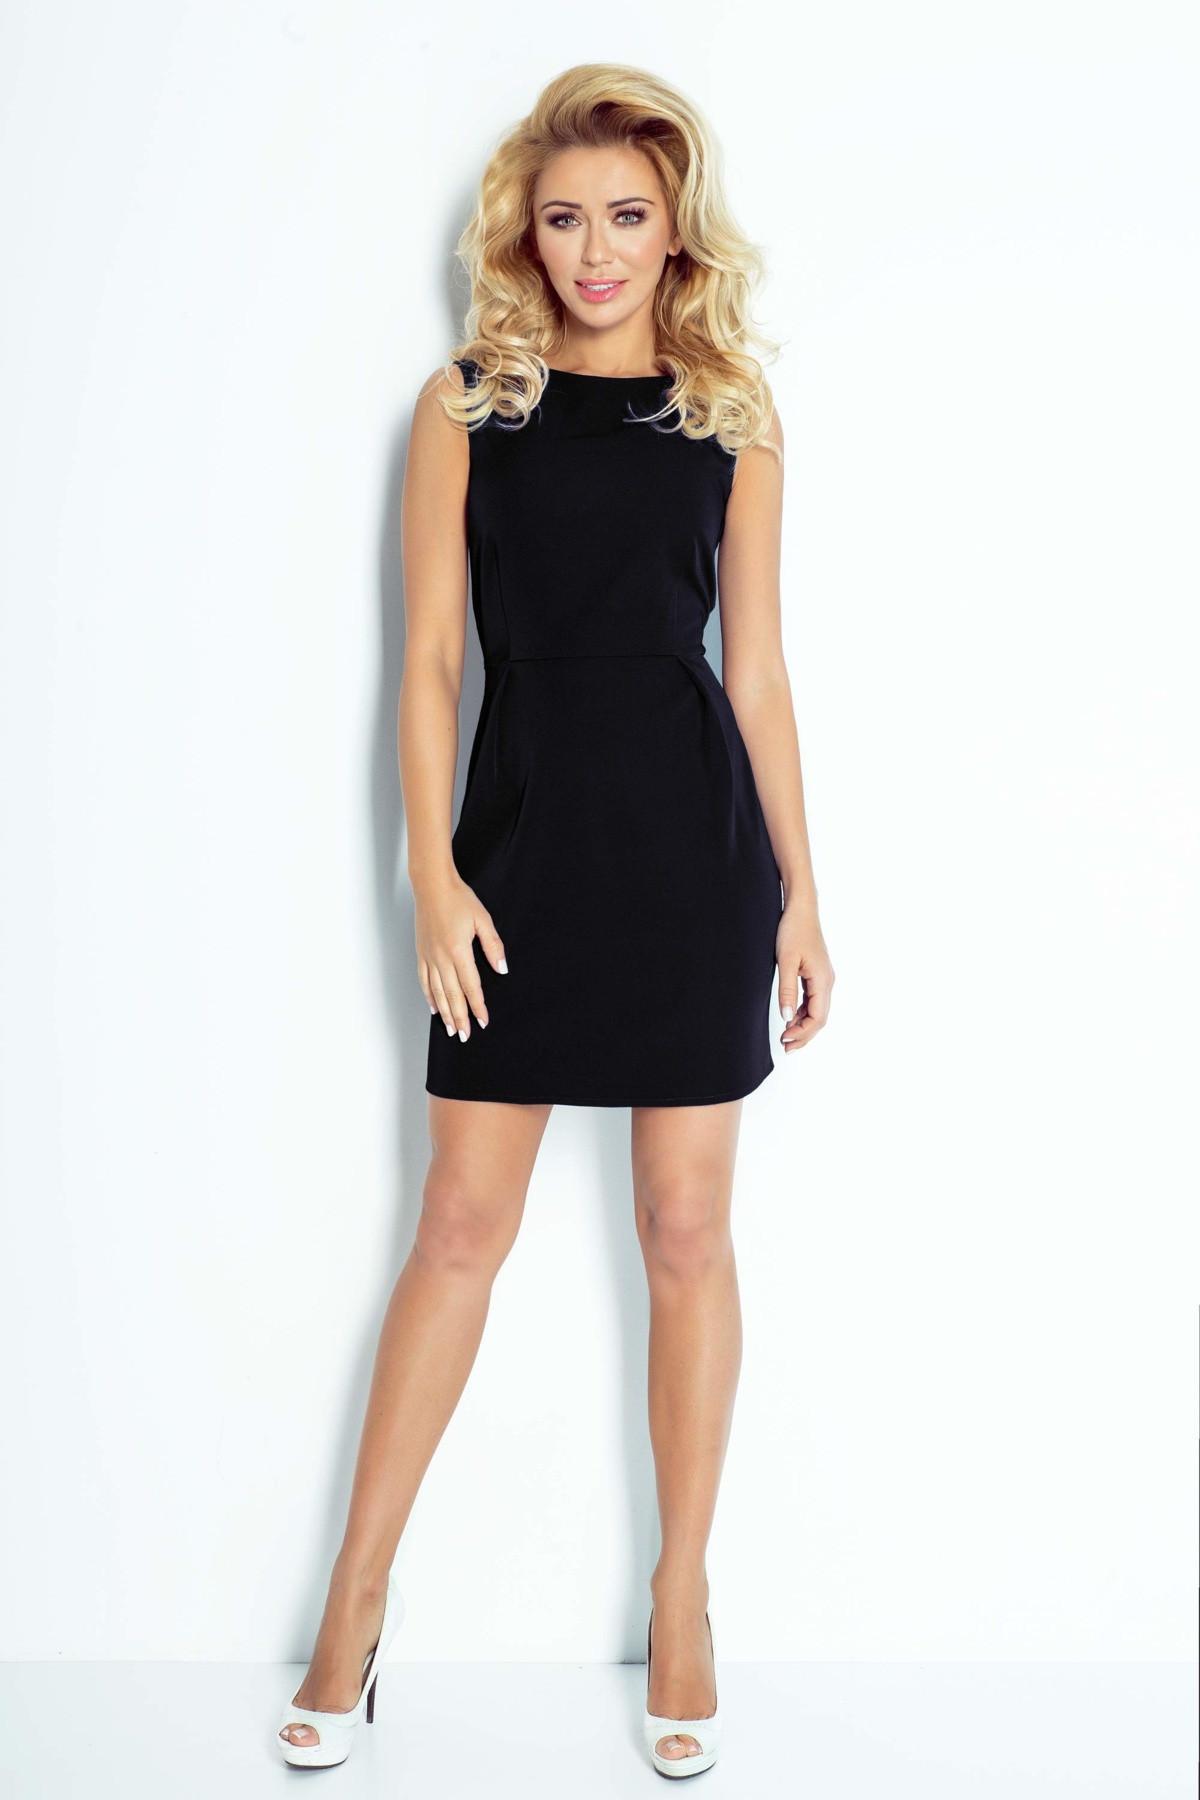 Dámské společenské šaty MADLENE bez rukávů krátké černé - Černá - Numoco černá L